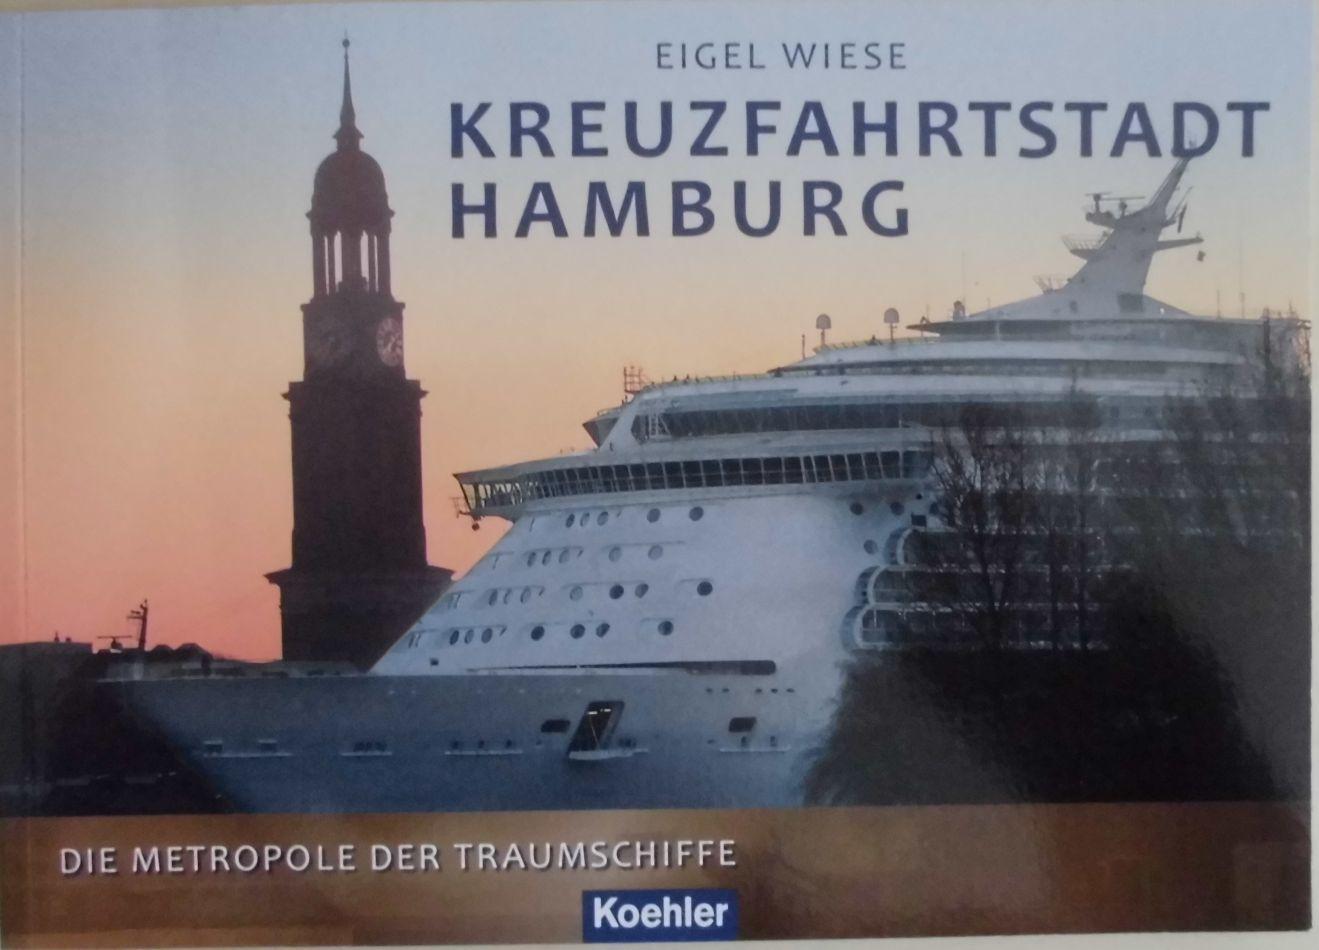 Kreuzfahrtstadt Hamburg - Die Metropole der Traumschiffe - Wiese, Eigel